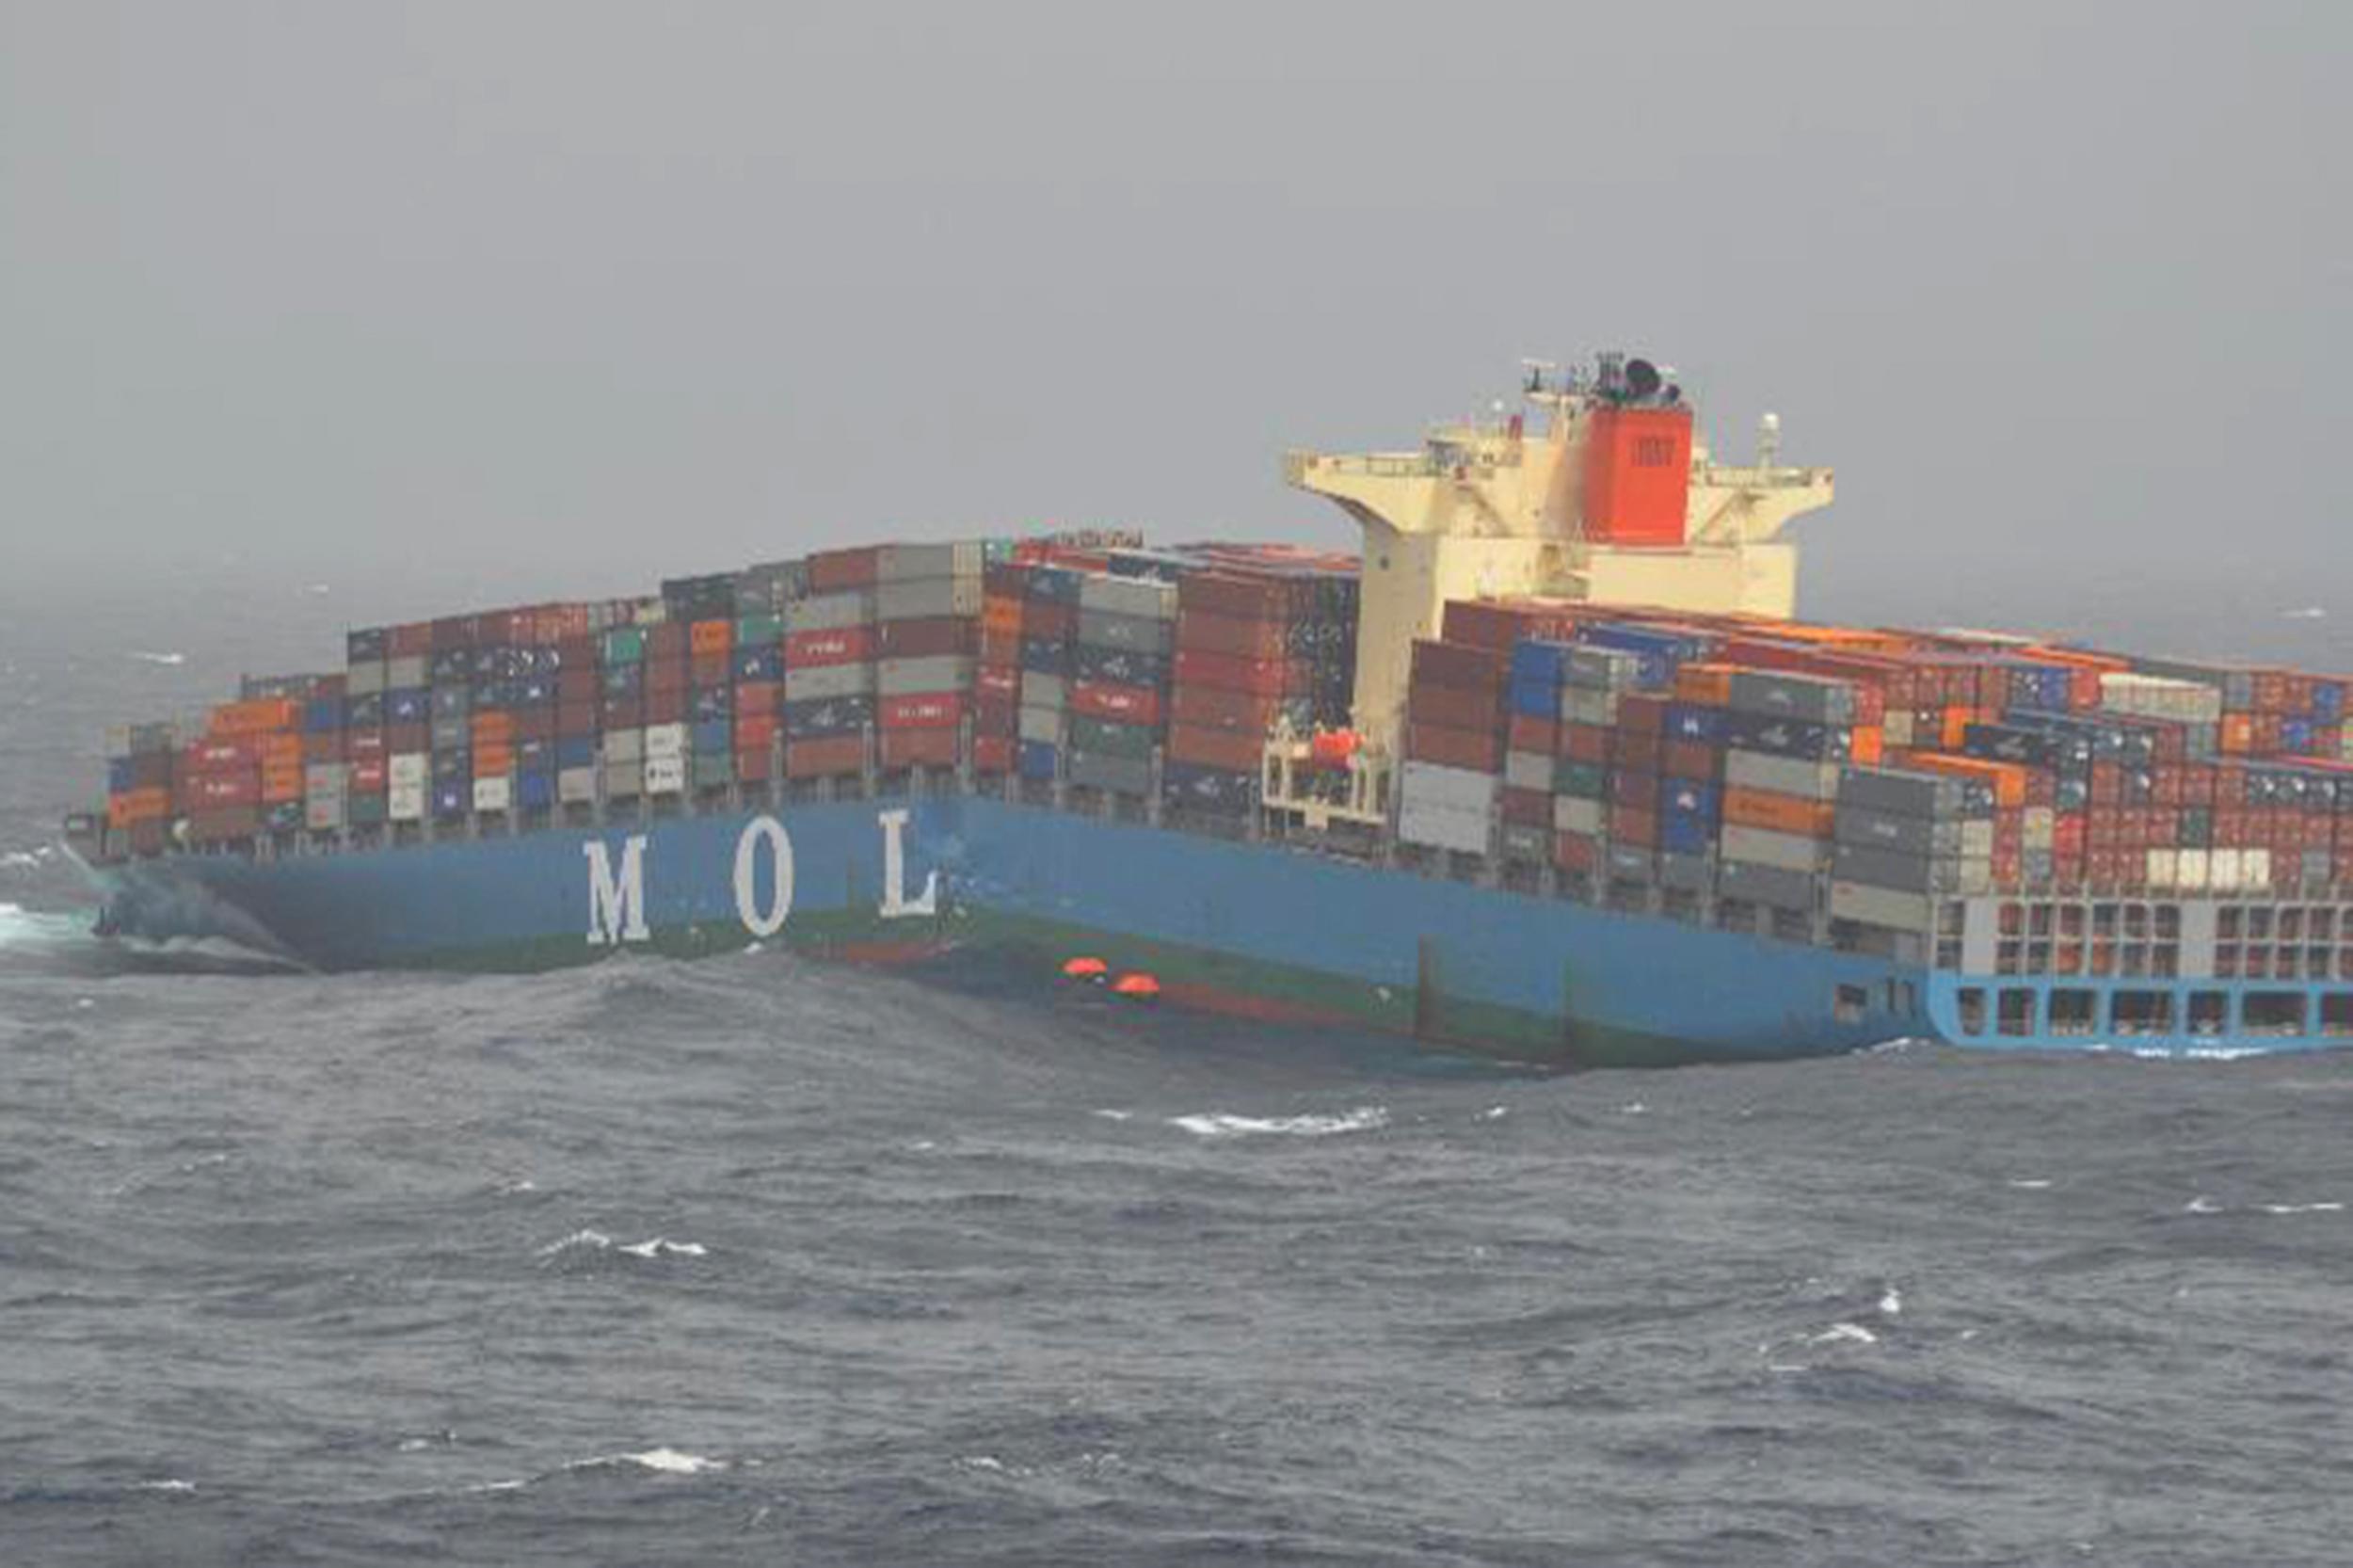 De MOL Comfort breekt in tweeën en zinkt later volledig (Foto MOD / MINISTRY OF DEFENCE / AFP)